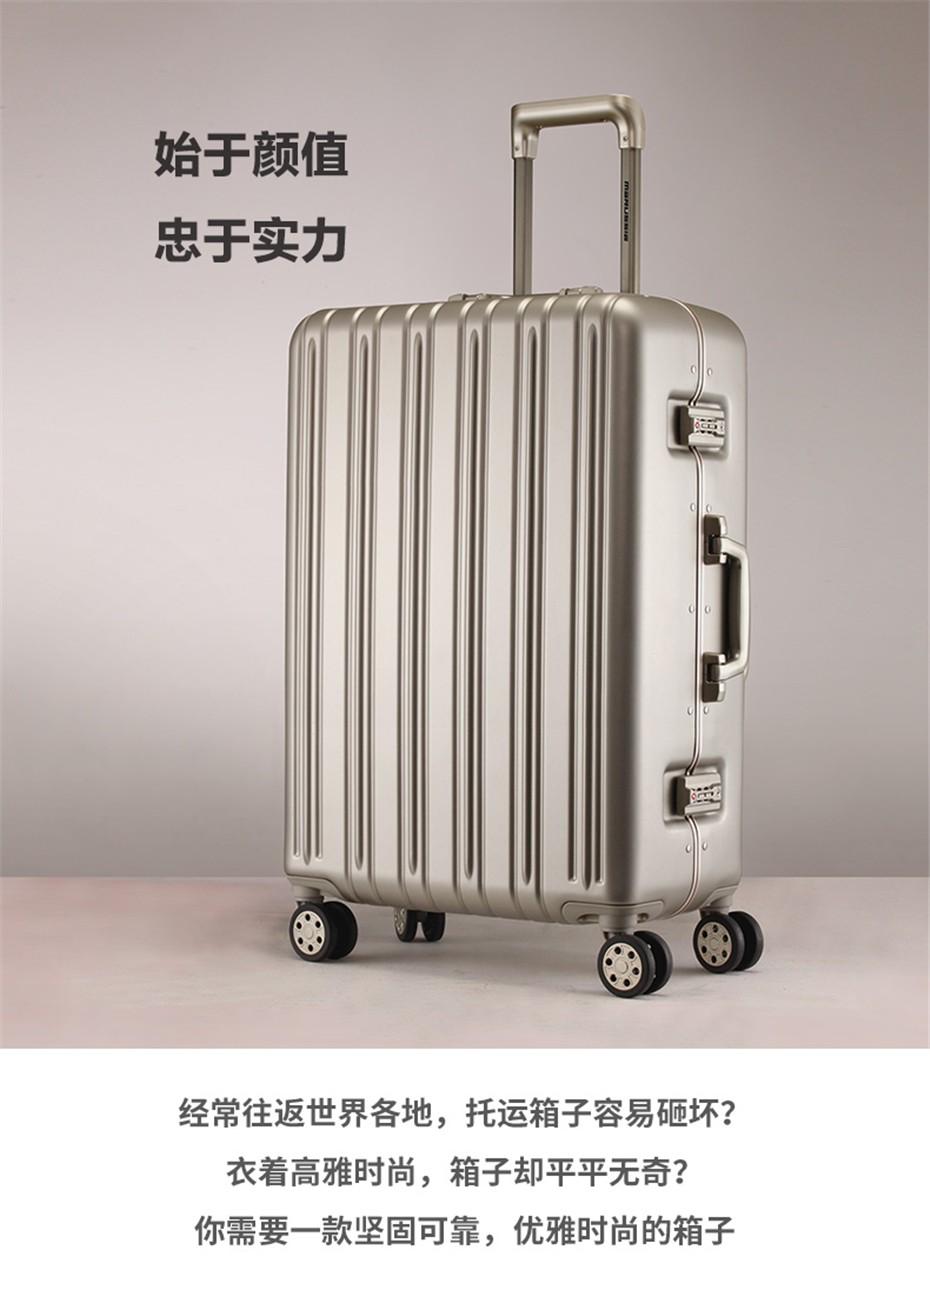 商务铝框拉杆箱包D9808|DOSONLY® - 商务箱包,铝框箱包,拉杆箱包